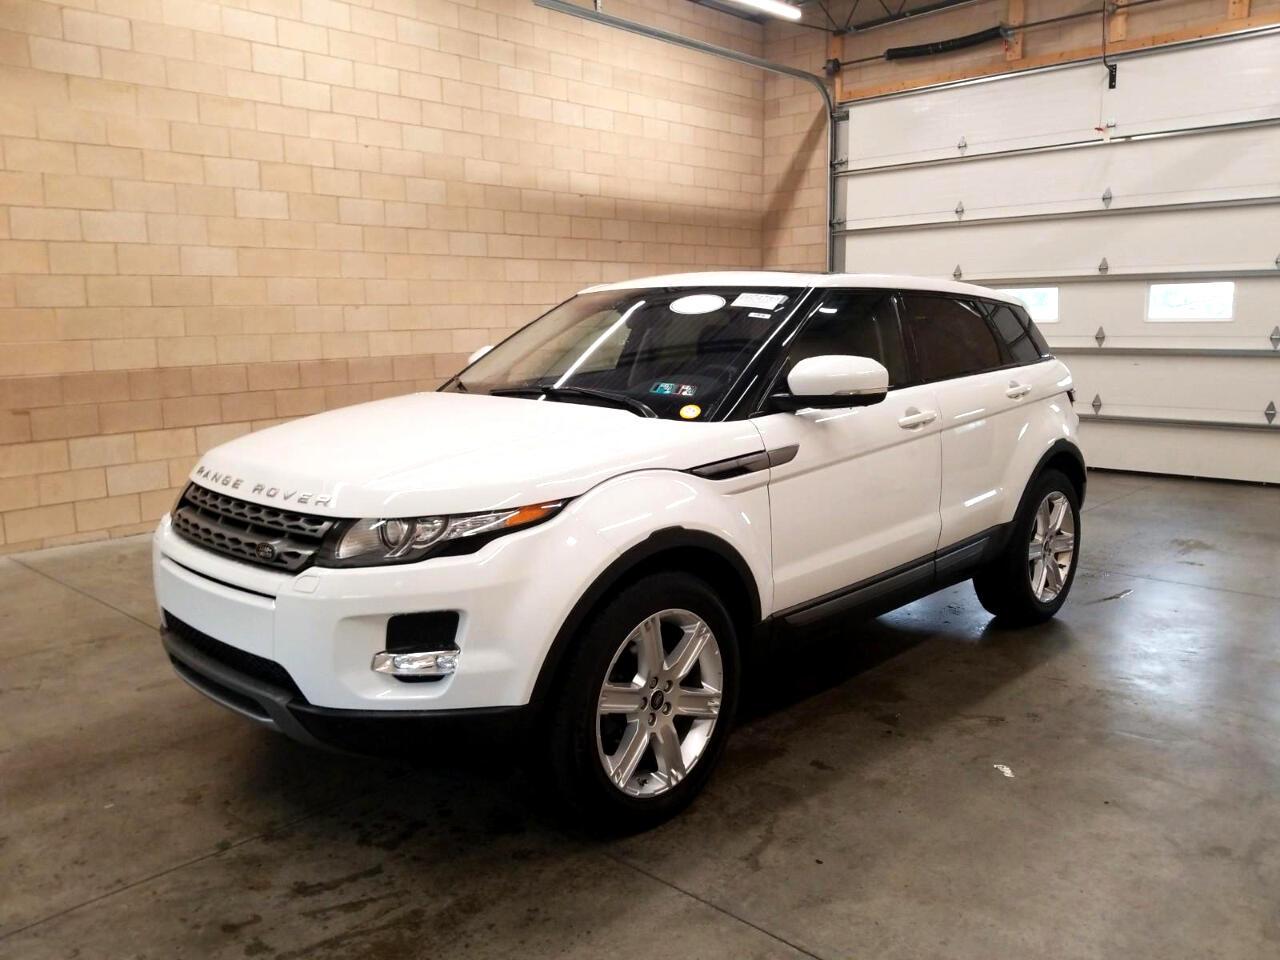 Land Rover Range Rover Evoque 5dr HB Pure Premium 2013